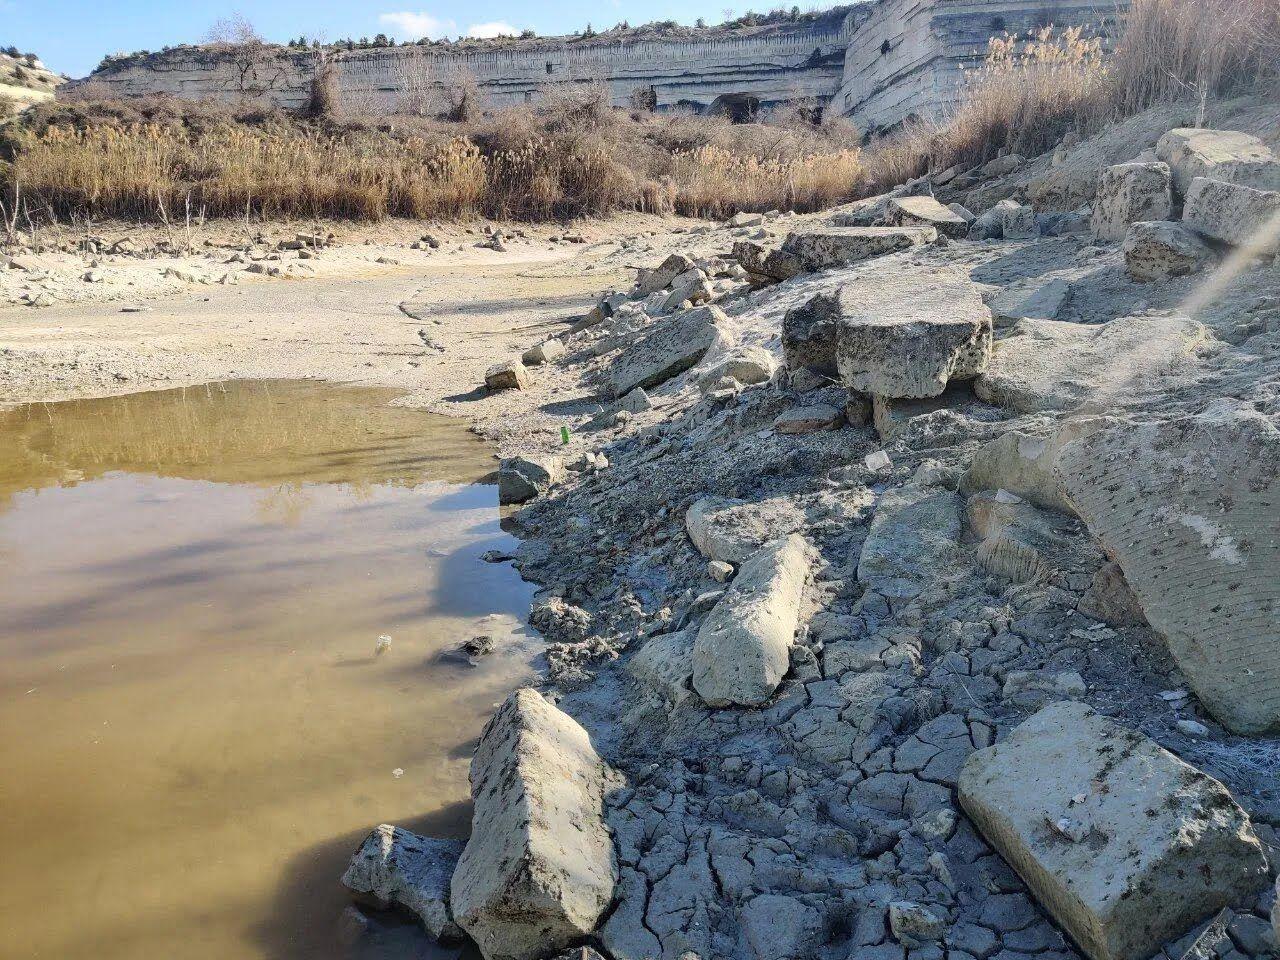 Состояние водоема после выкачки воды в Севастополь.